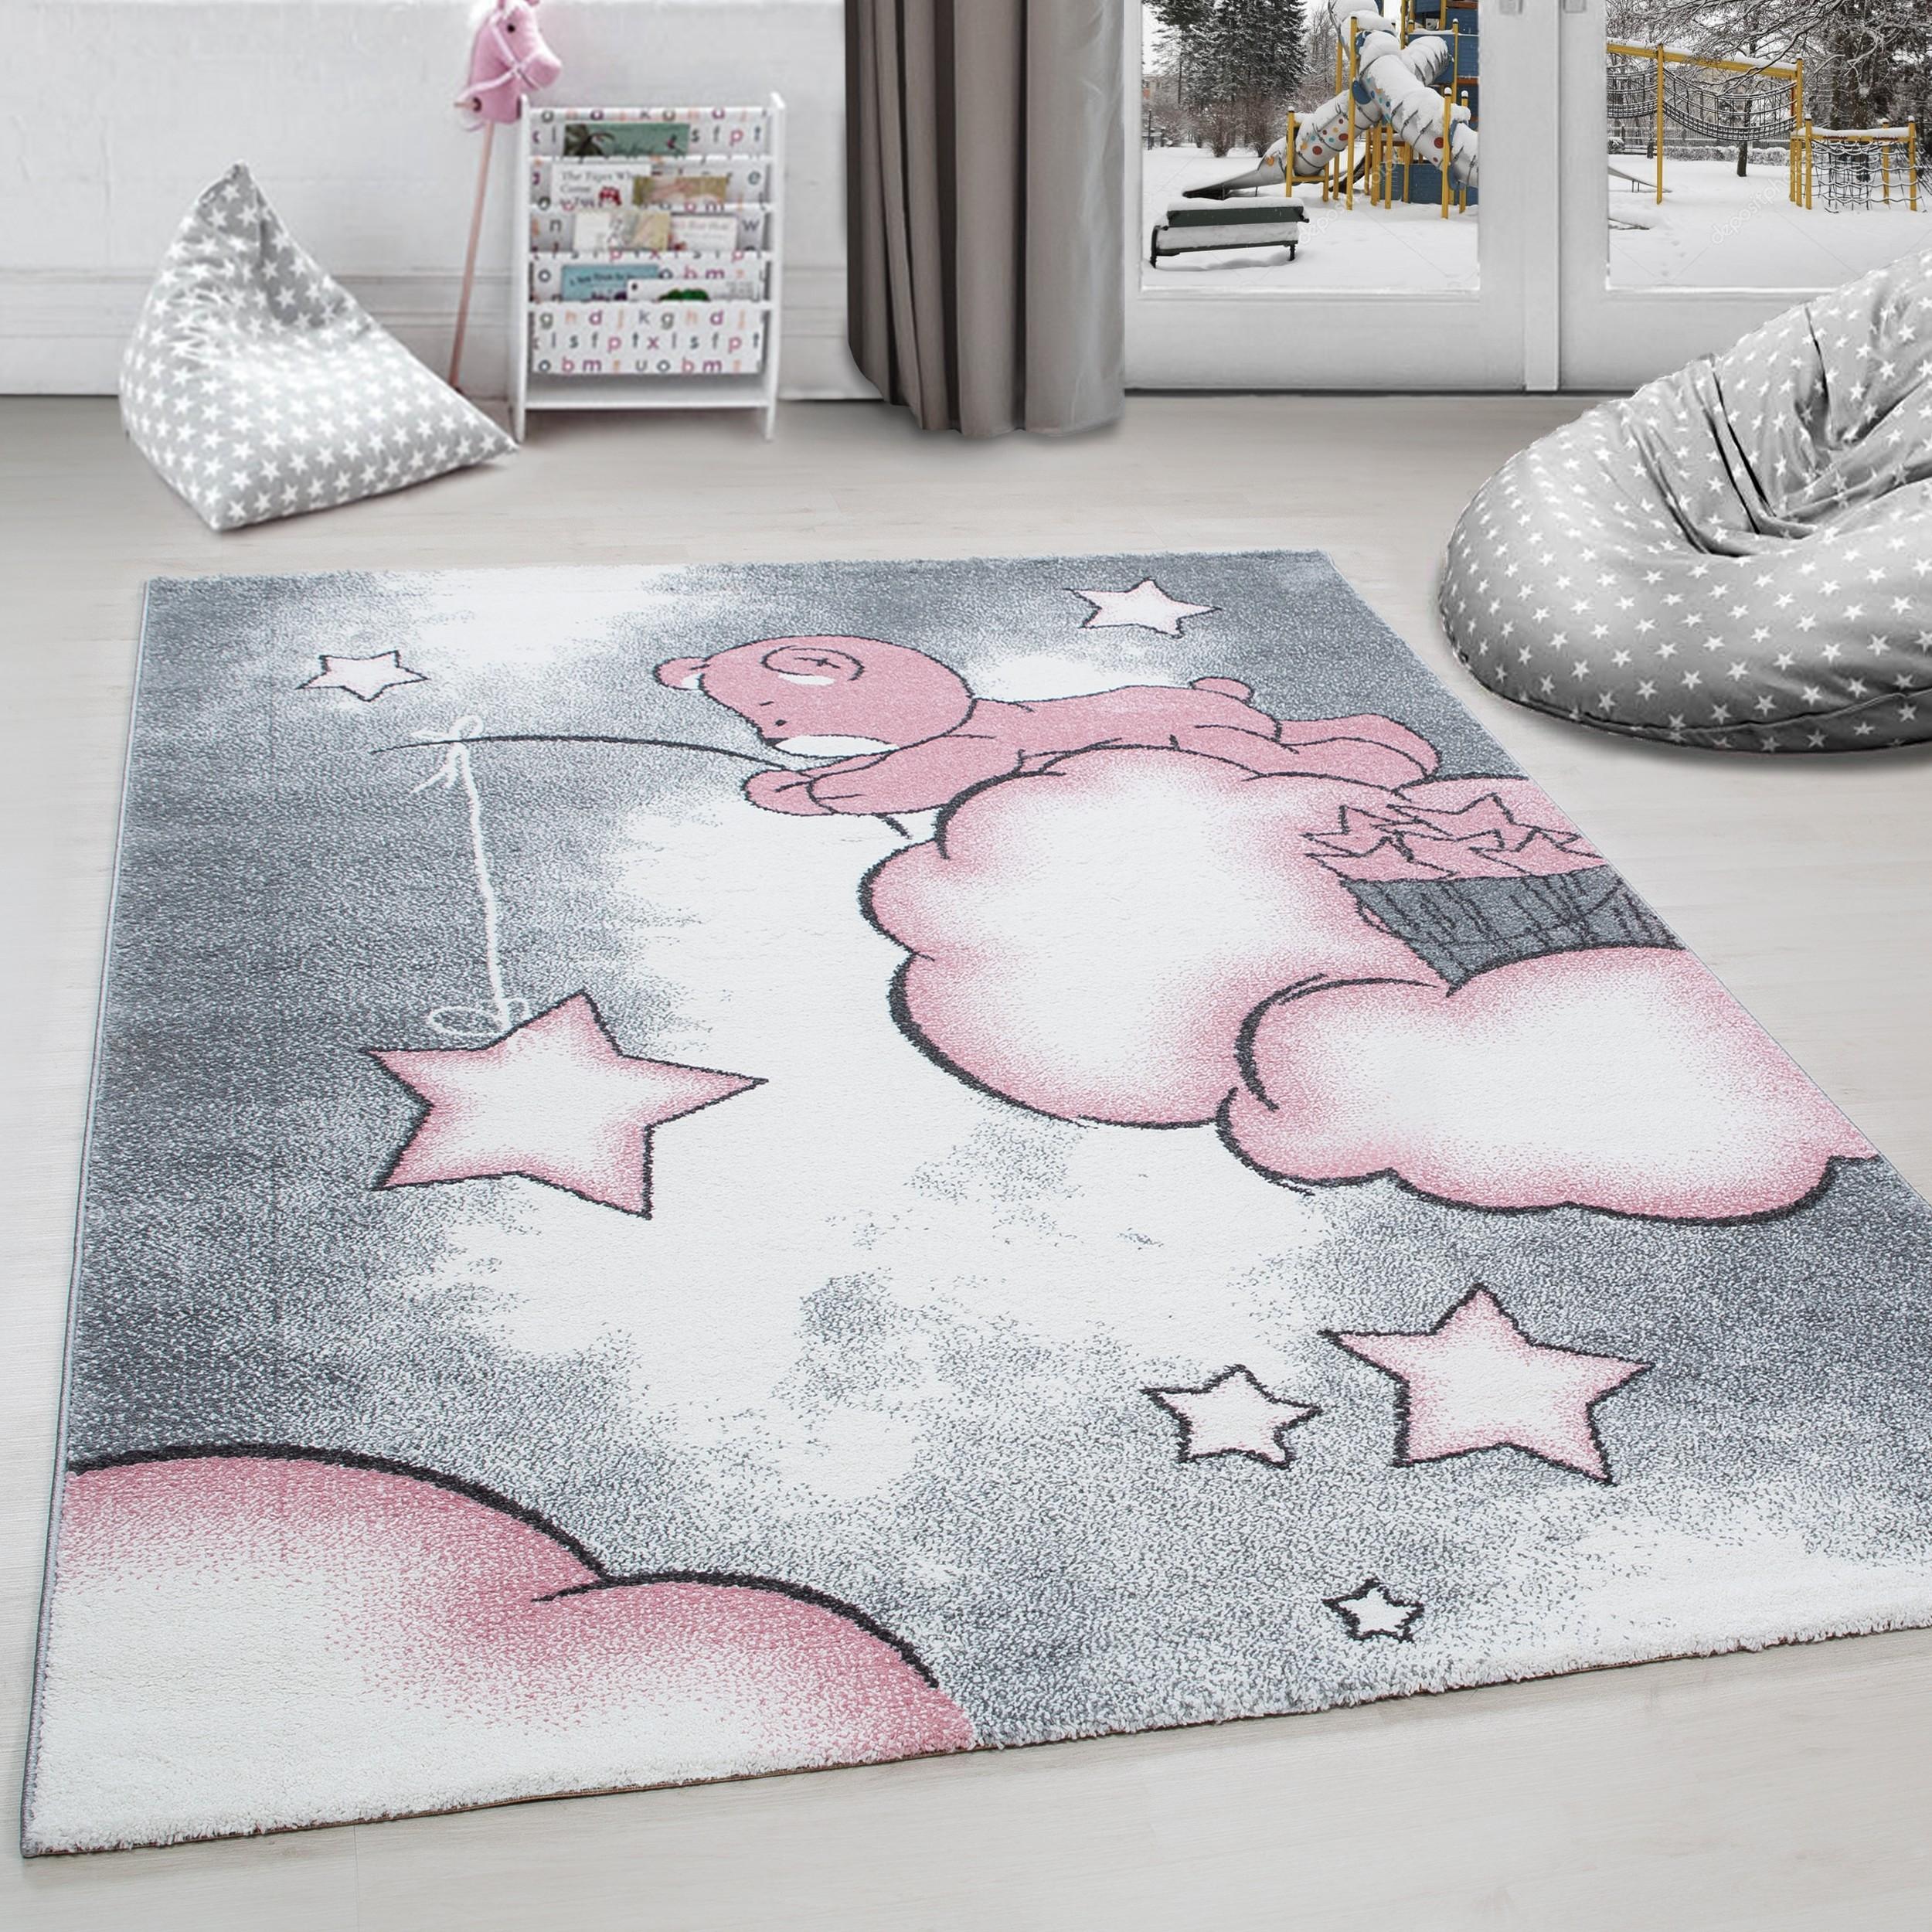 Full Size of Kinderteppich Kinderzimmer Teppich Br Wolken Stern Angeln Grau Regale Regal Sofa Weiß Wohnzimmer Teppiche Kinderzimmer Kinderzimmer Teppiche